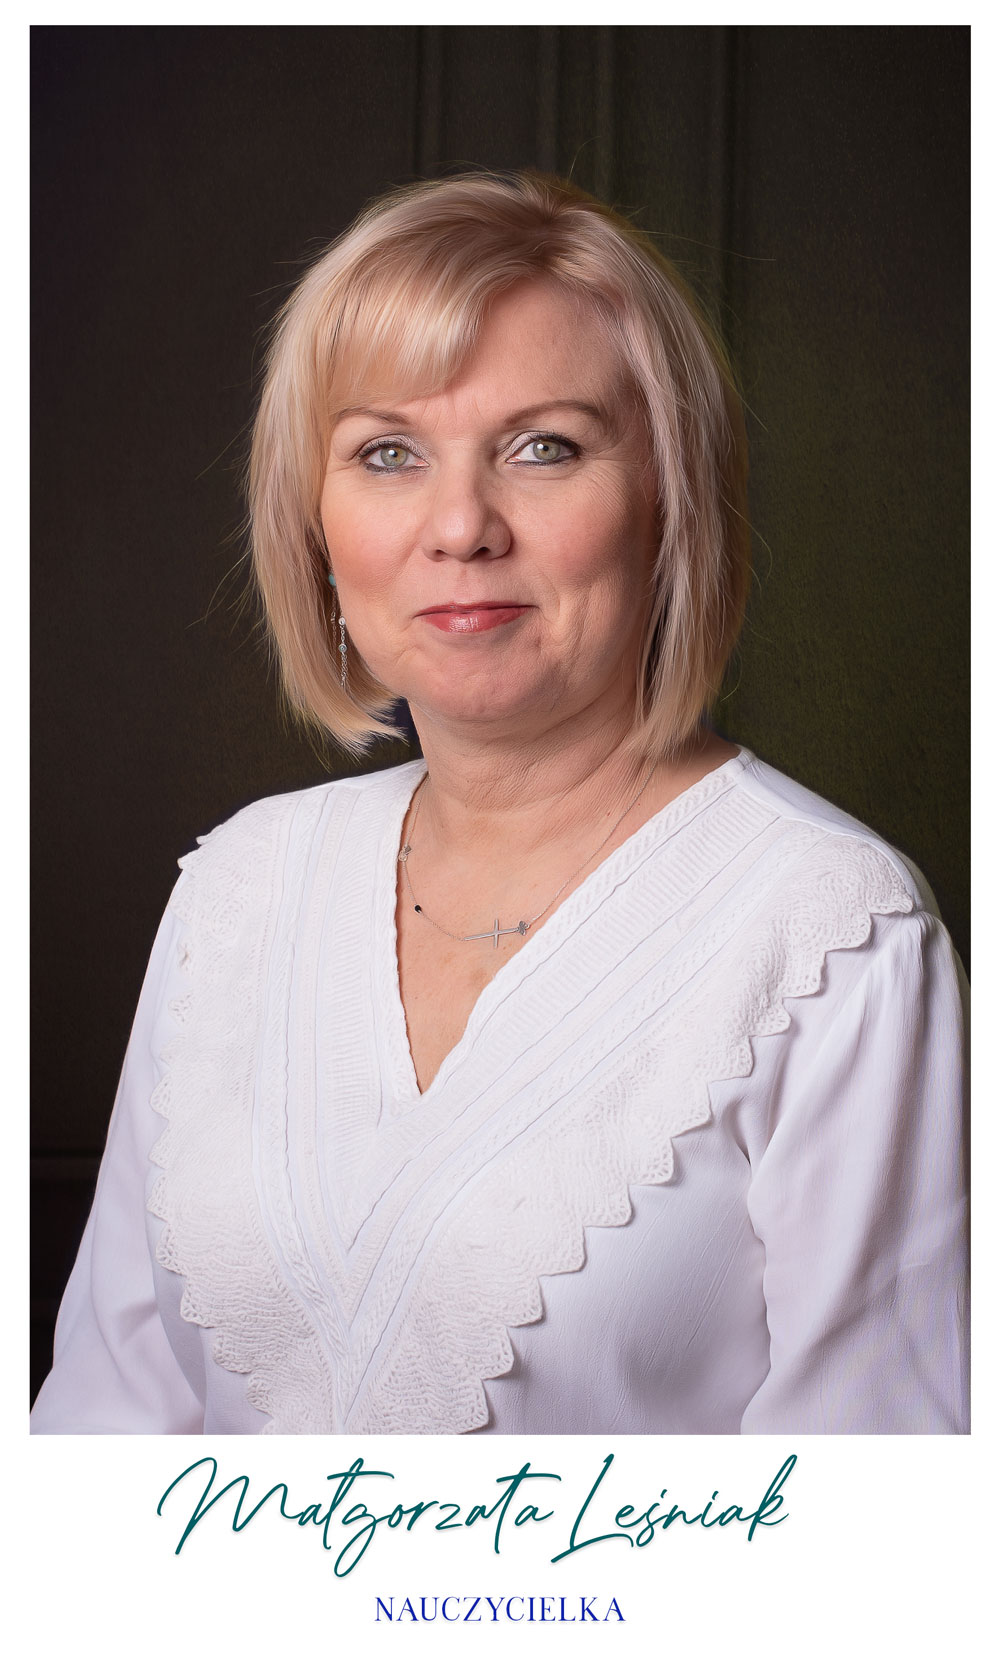 Małgorzata Leśniak